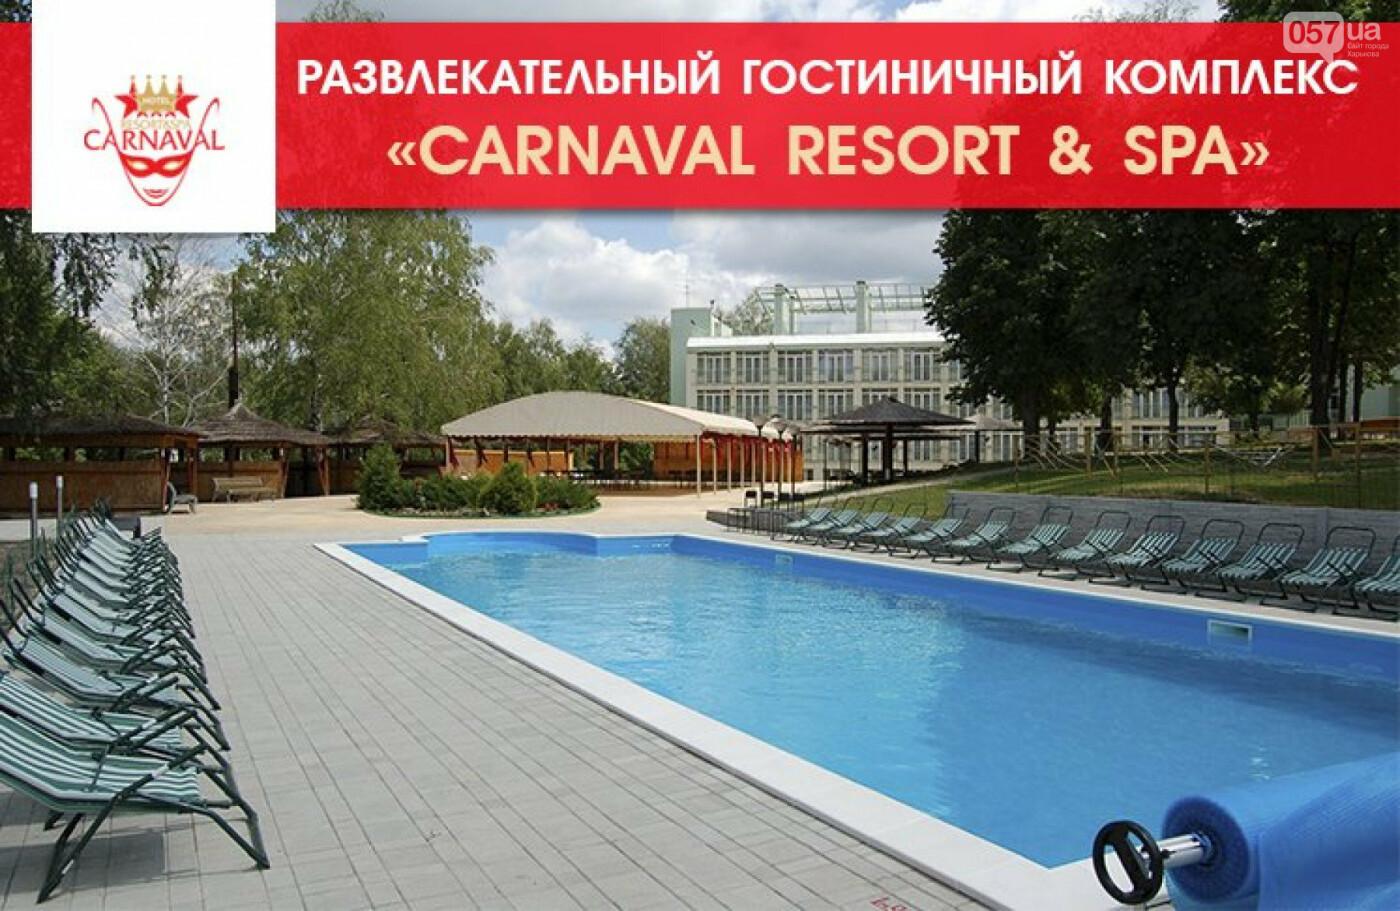 Отдых за городом в Харькове:  туры из Харькова, базы отдыха, пансионаты, отдых возле водоема, фото-2